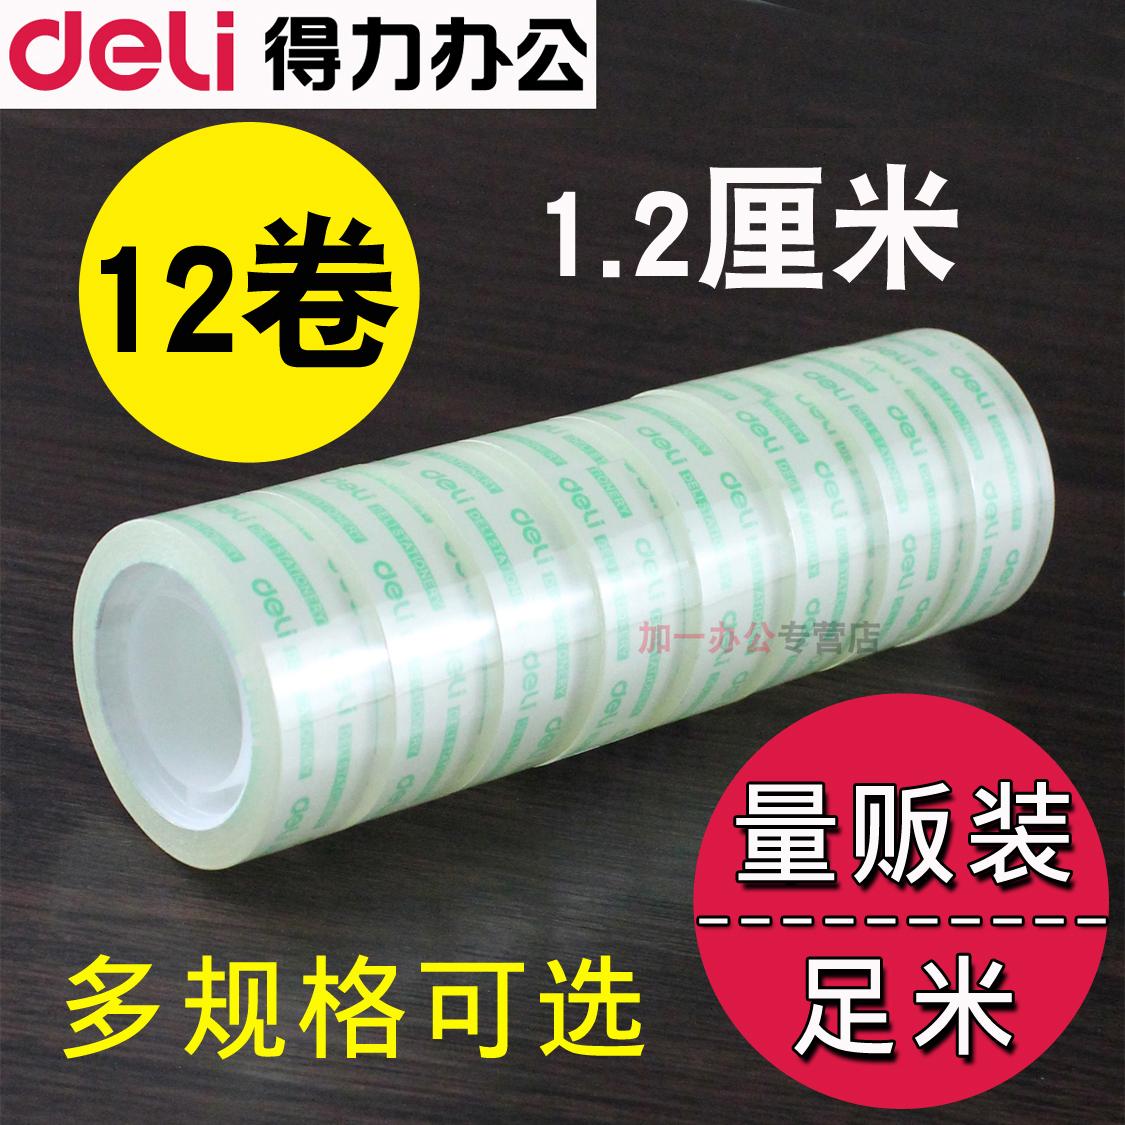 得力透明膠帶 學生文具細窄小膠帶紙強力膠布1.8/1.2/0.8釐米細窄